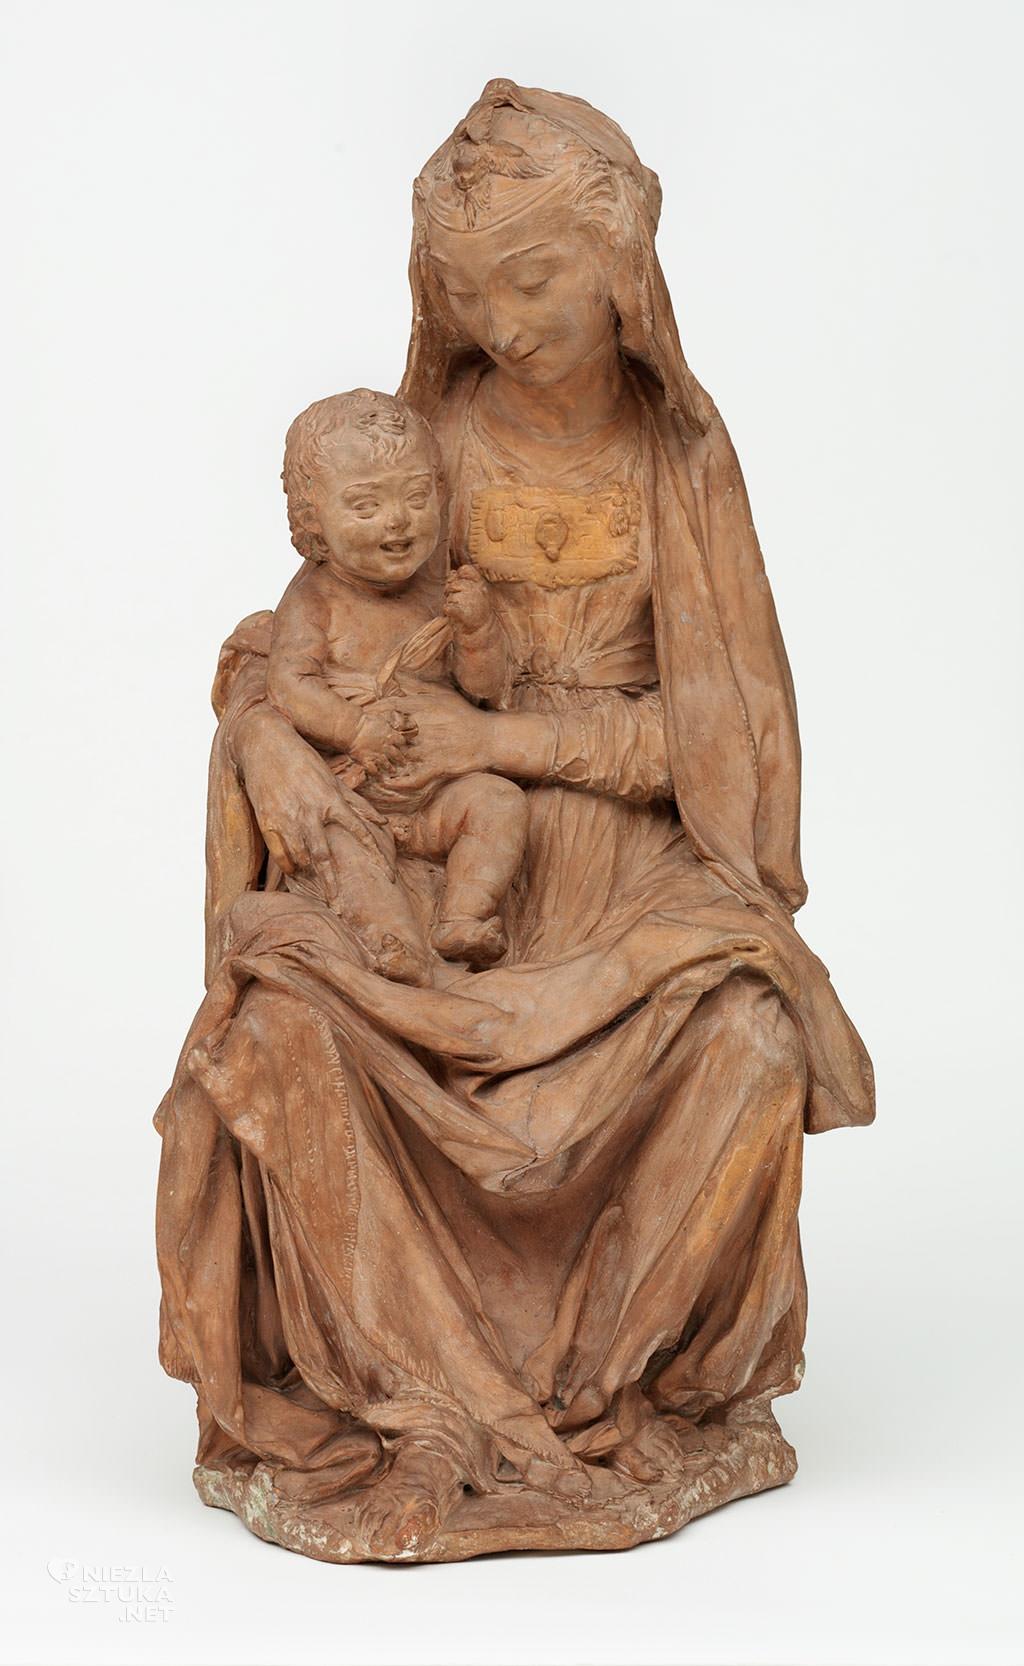 Leonardo da Vinci, Madonna ze śmiejącym się Dzieciątkiem, rzeźba, sztuka włoska, Niezła sztuka